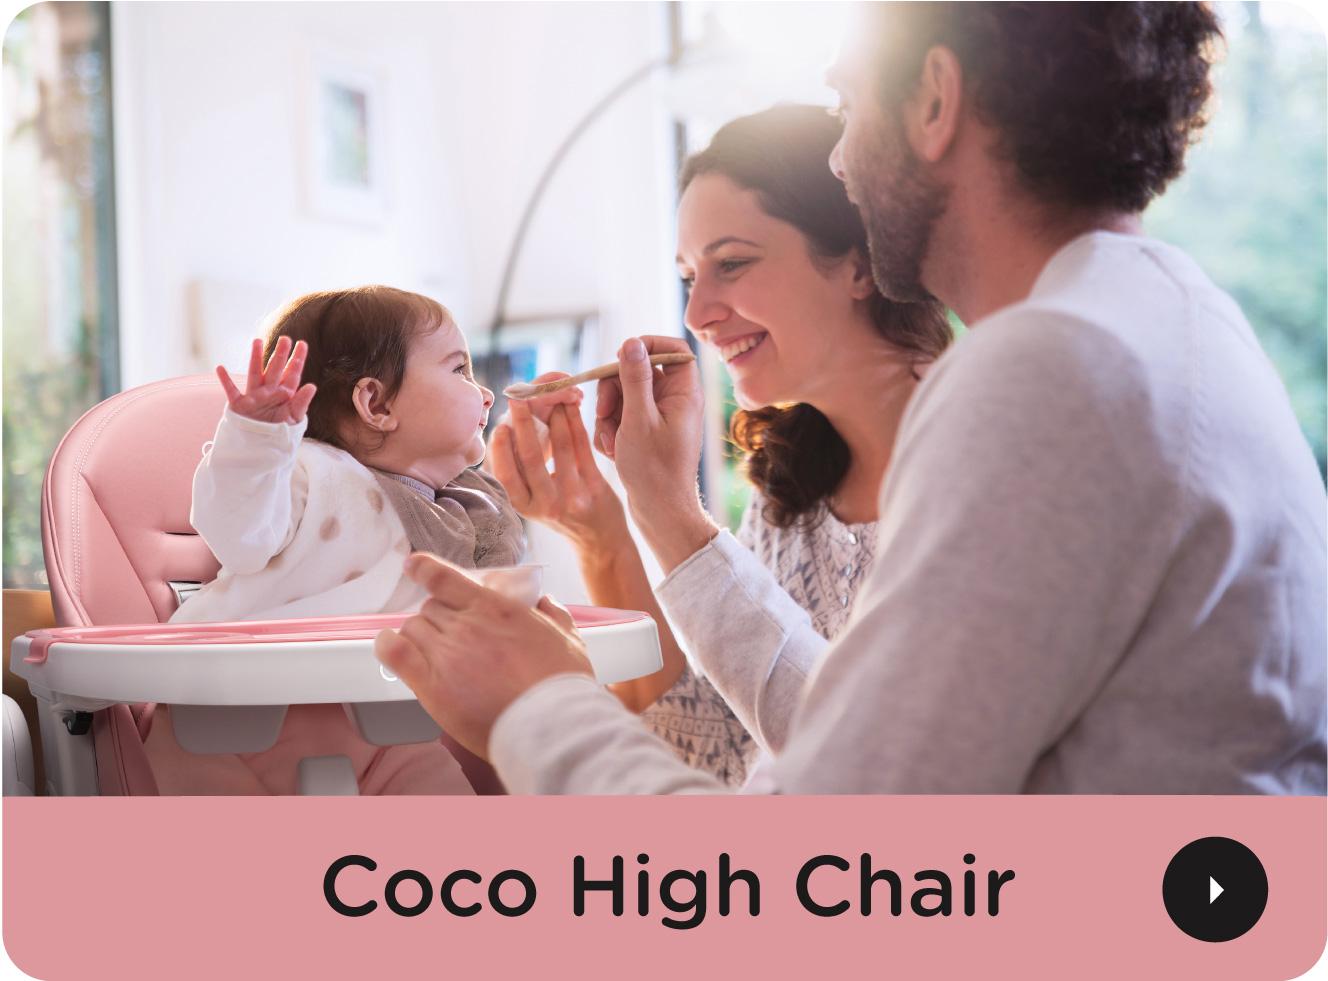 Quinton Coco High Chair